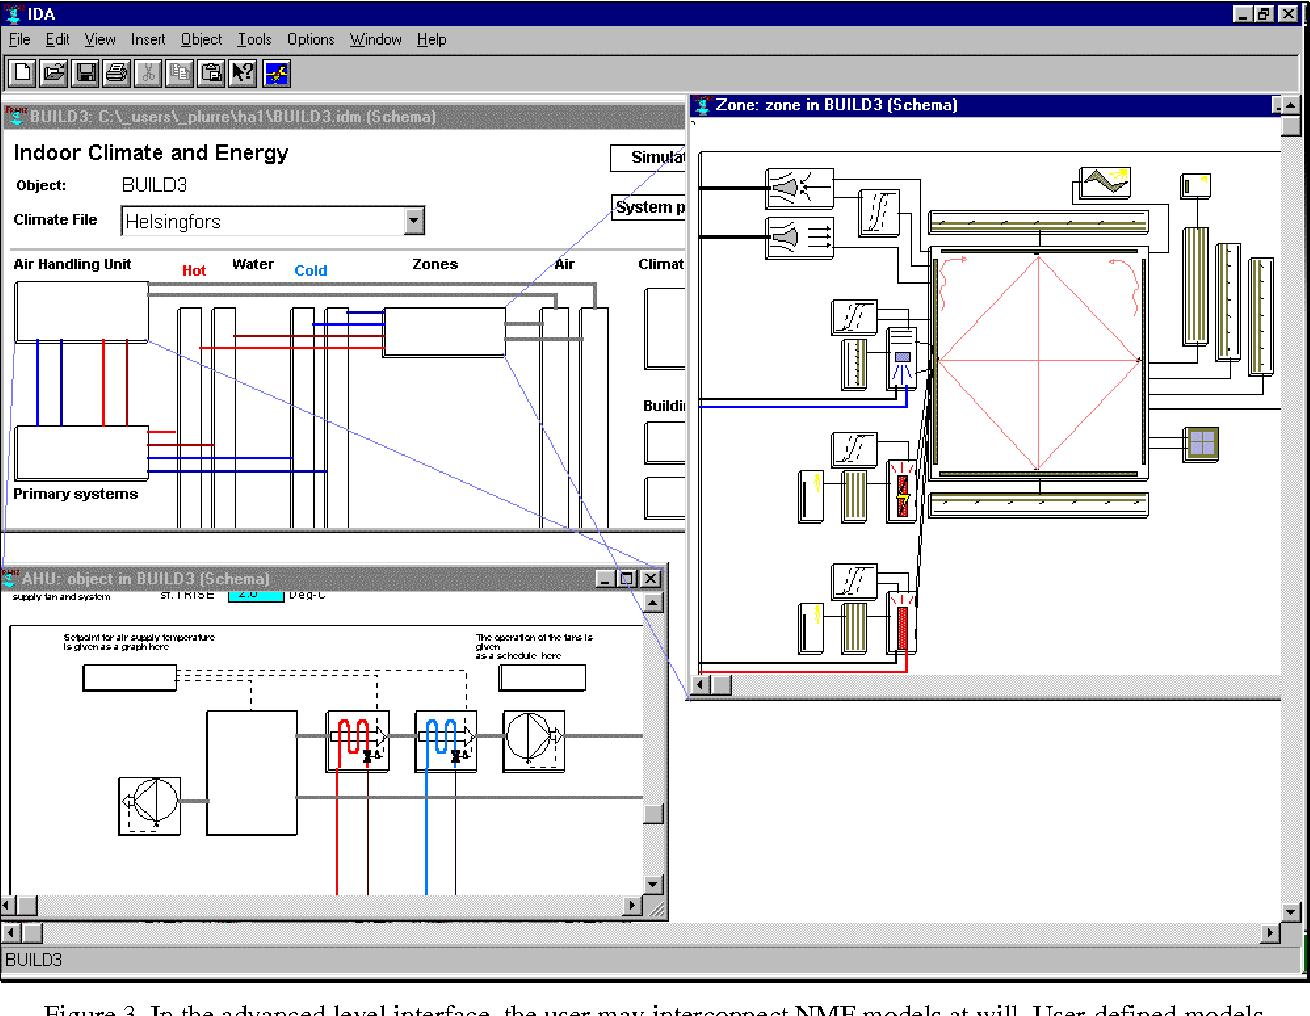 Ausgezeichnet 3 Draht Thermostat Diagramm Bilder - Elektrische ...